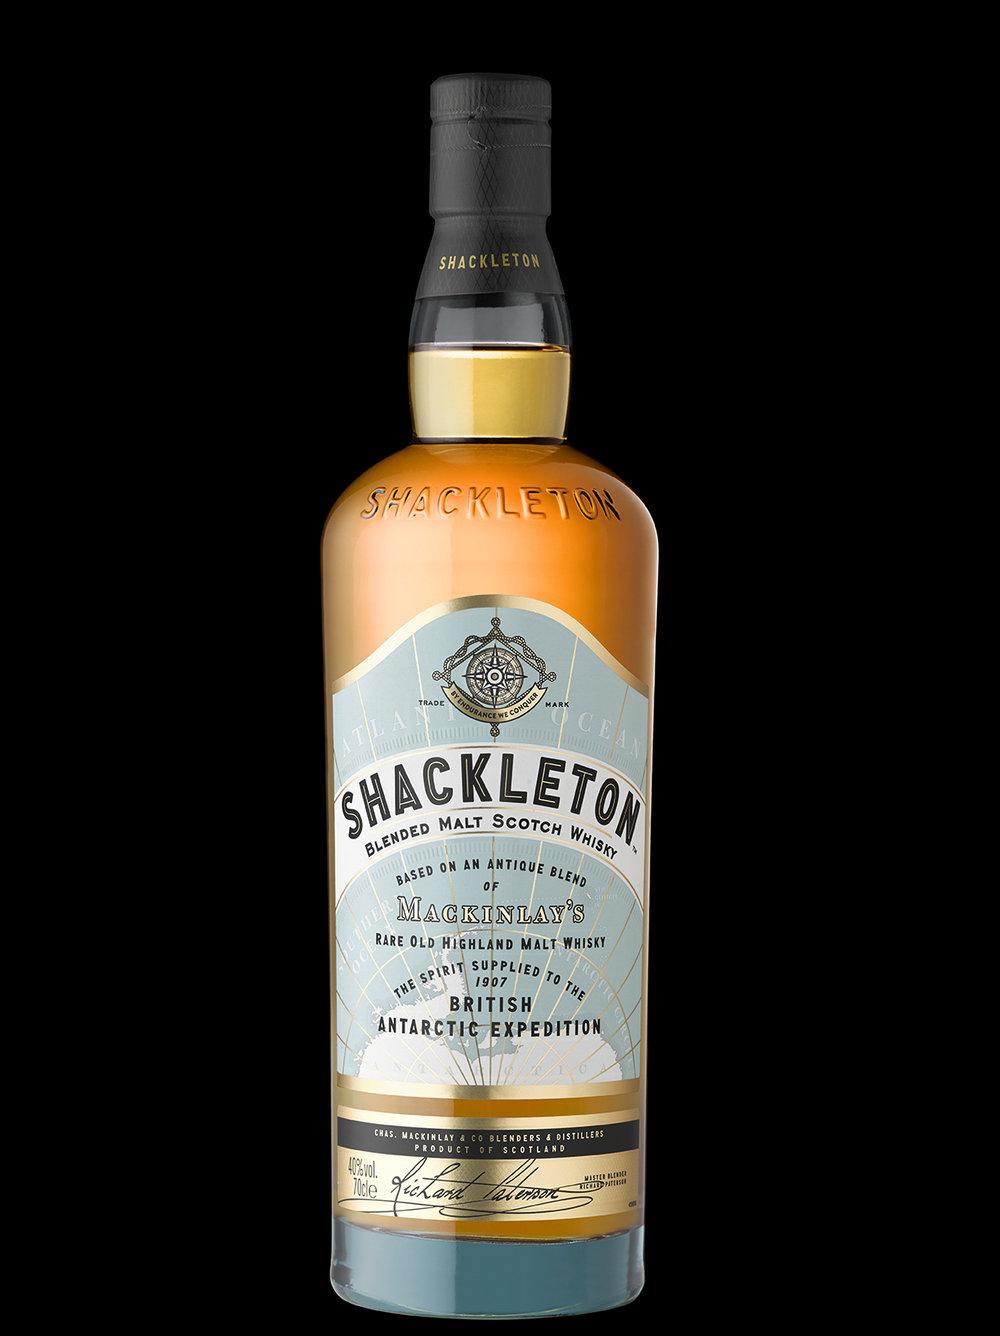 Shackleton_Bottle_straight_on_on_black.jpg